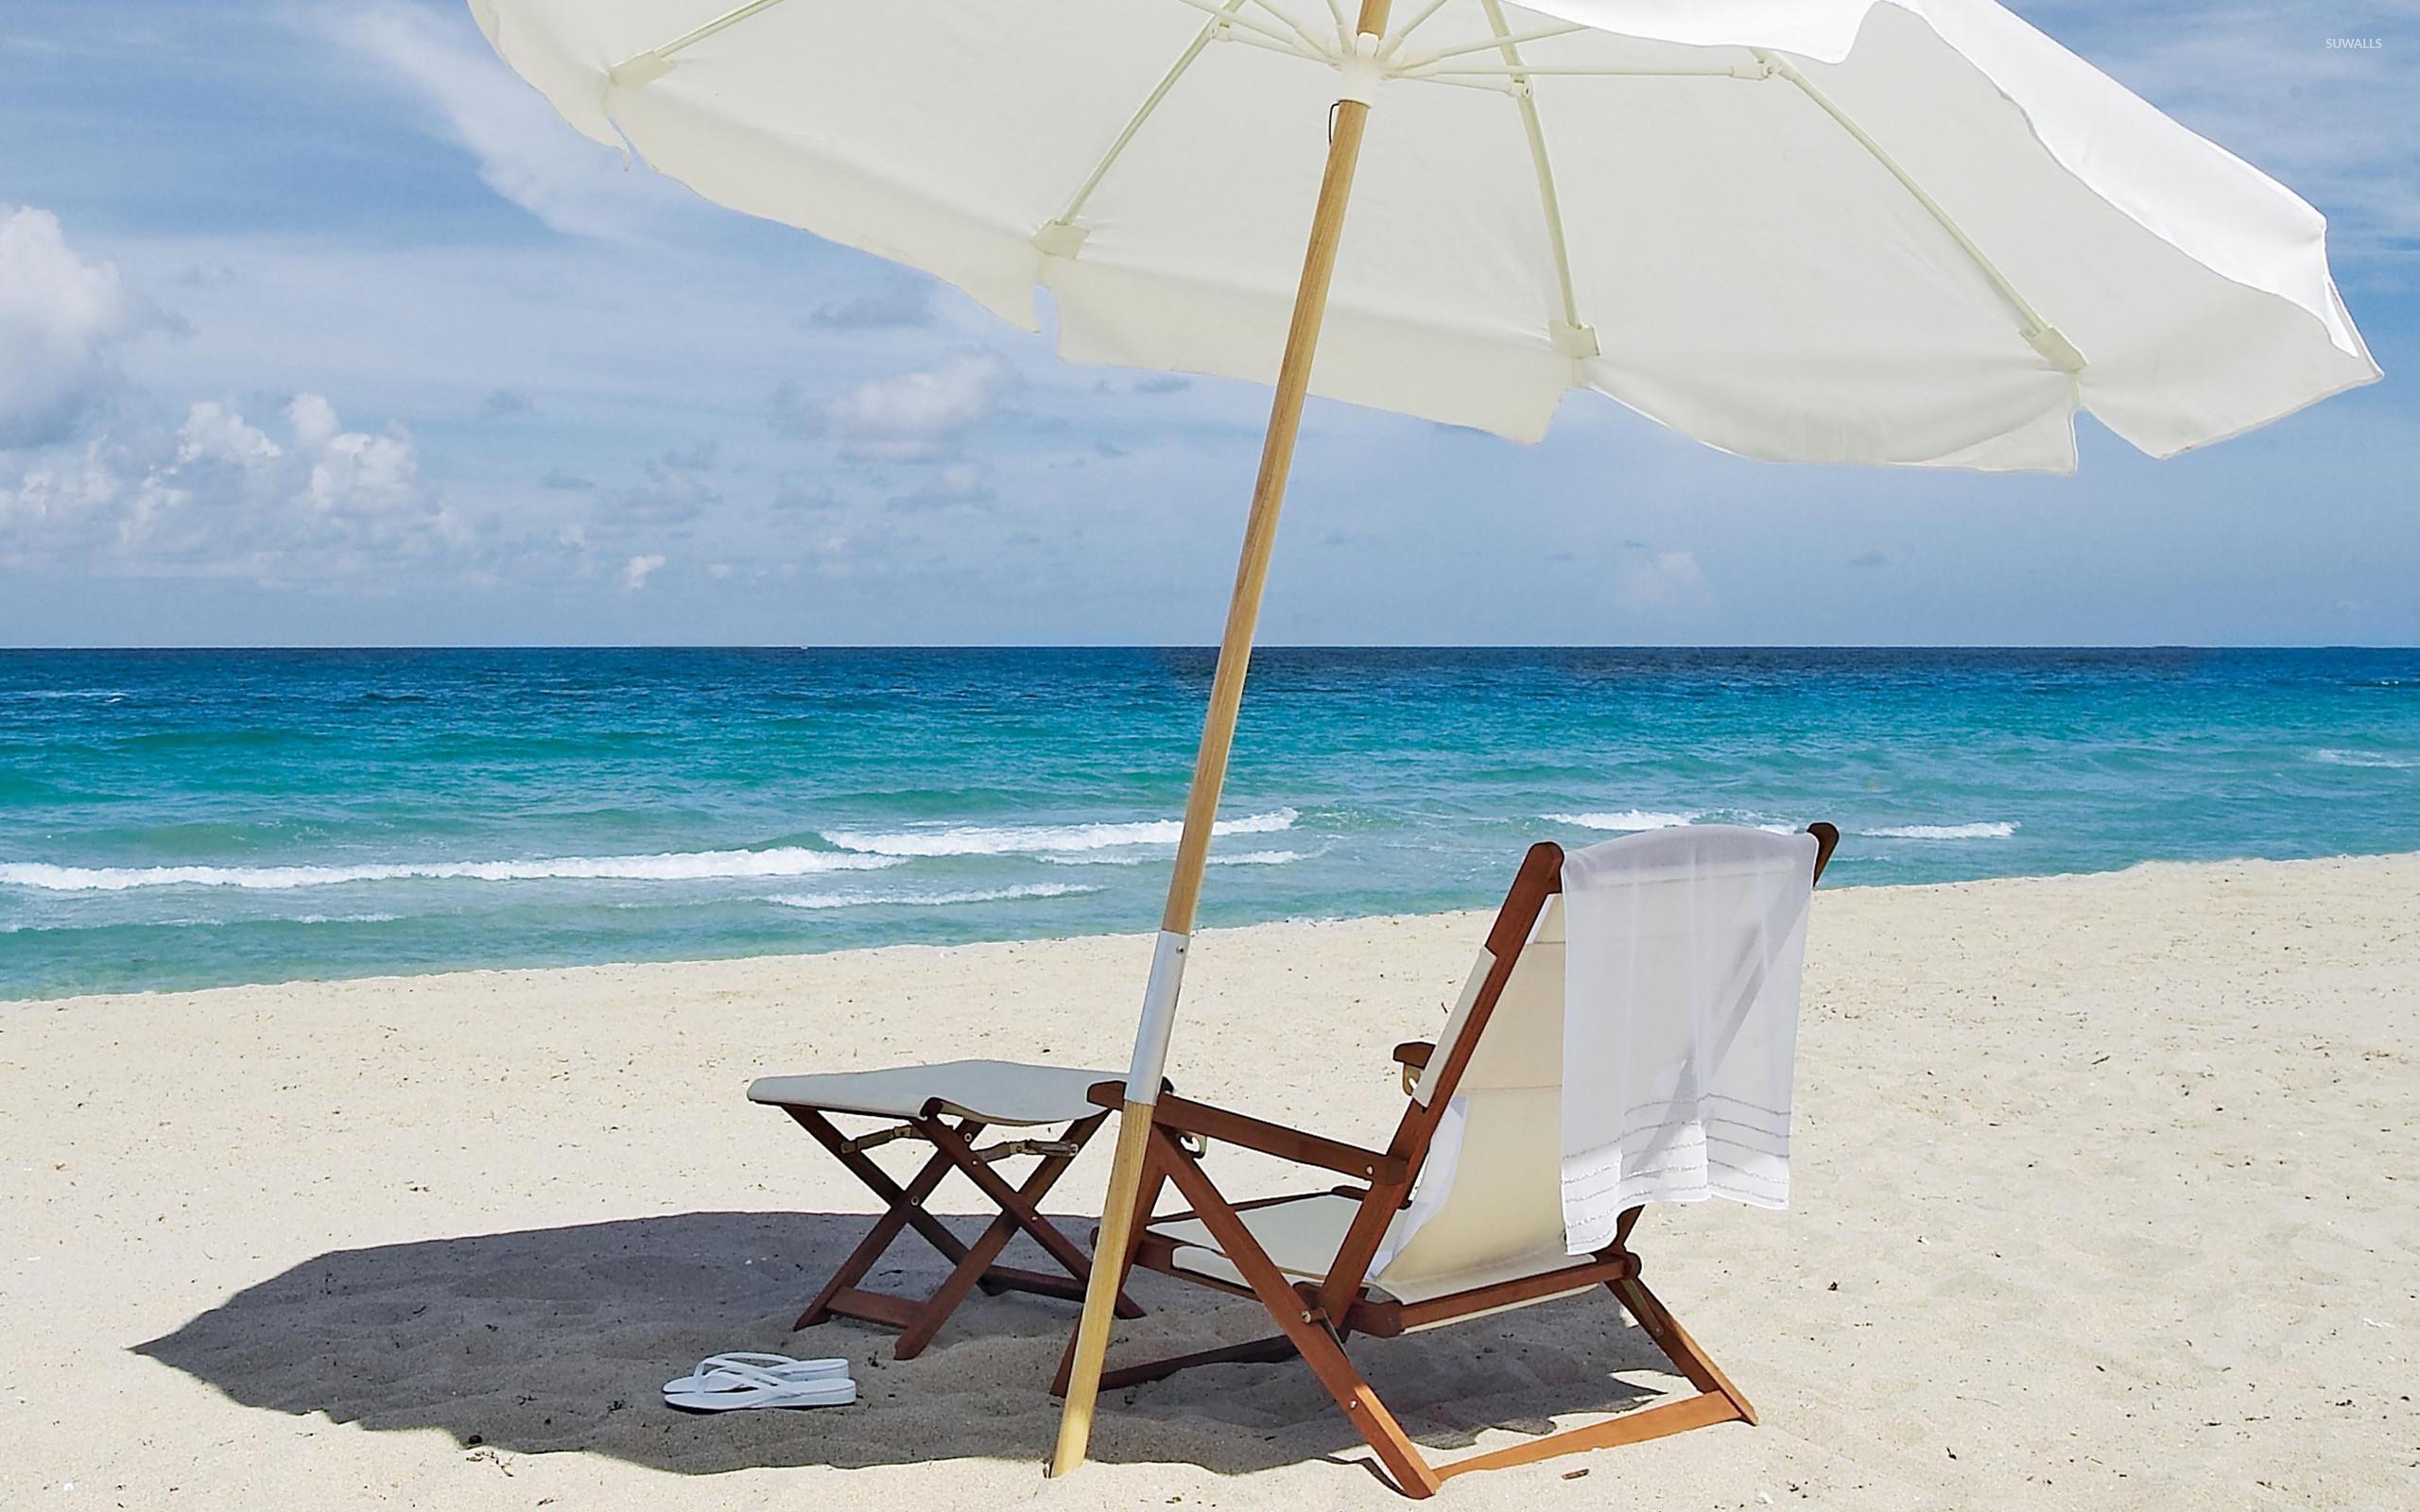 Sunny Beach Wallpaper High Resolution As Wallpaper HD